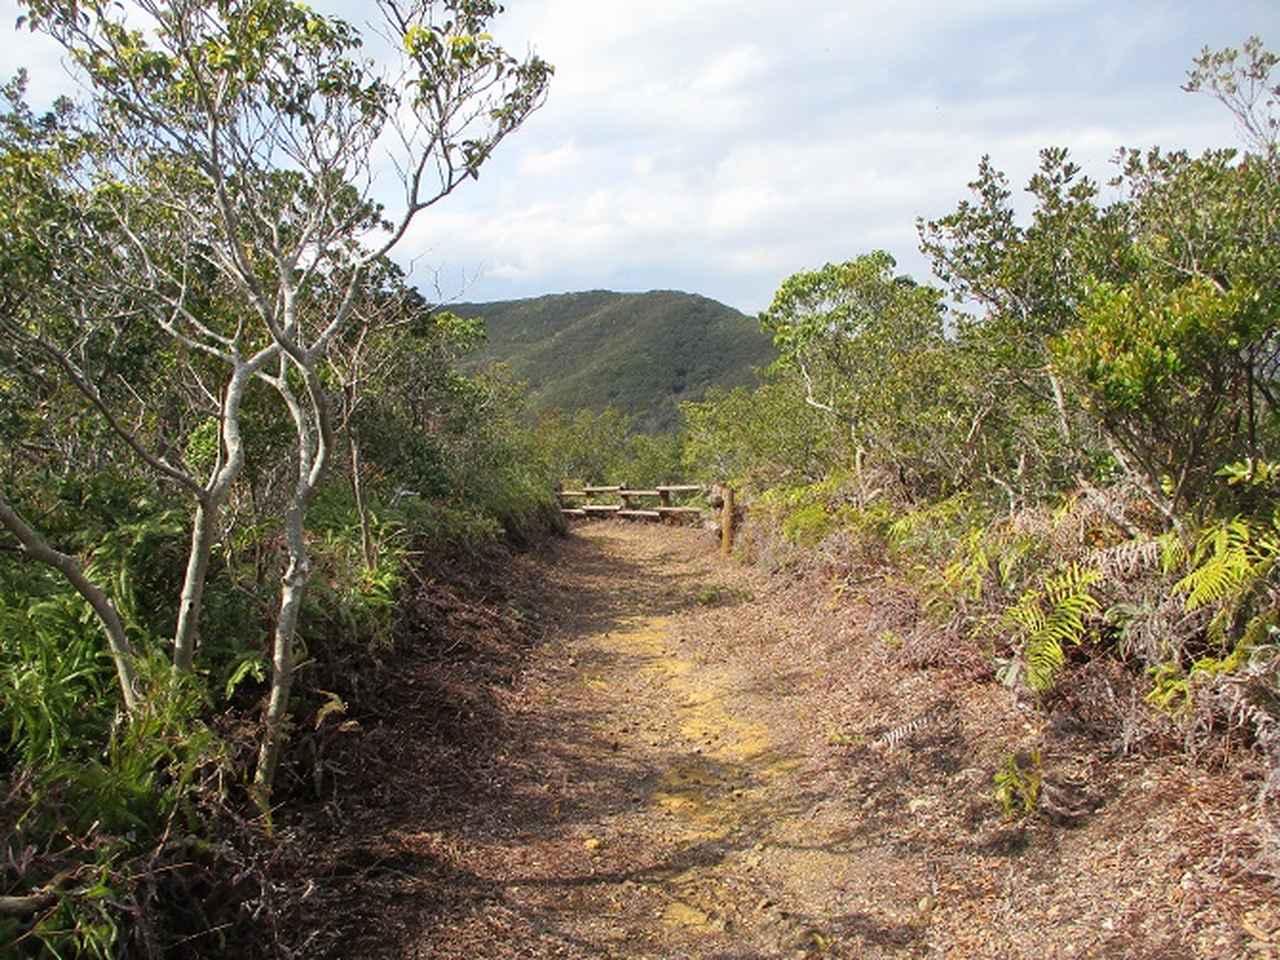 画像8: 3月の山旅会 「横山と朝熊ヶ岳」 の下見にいってきました!